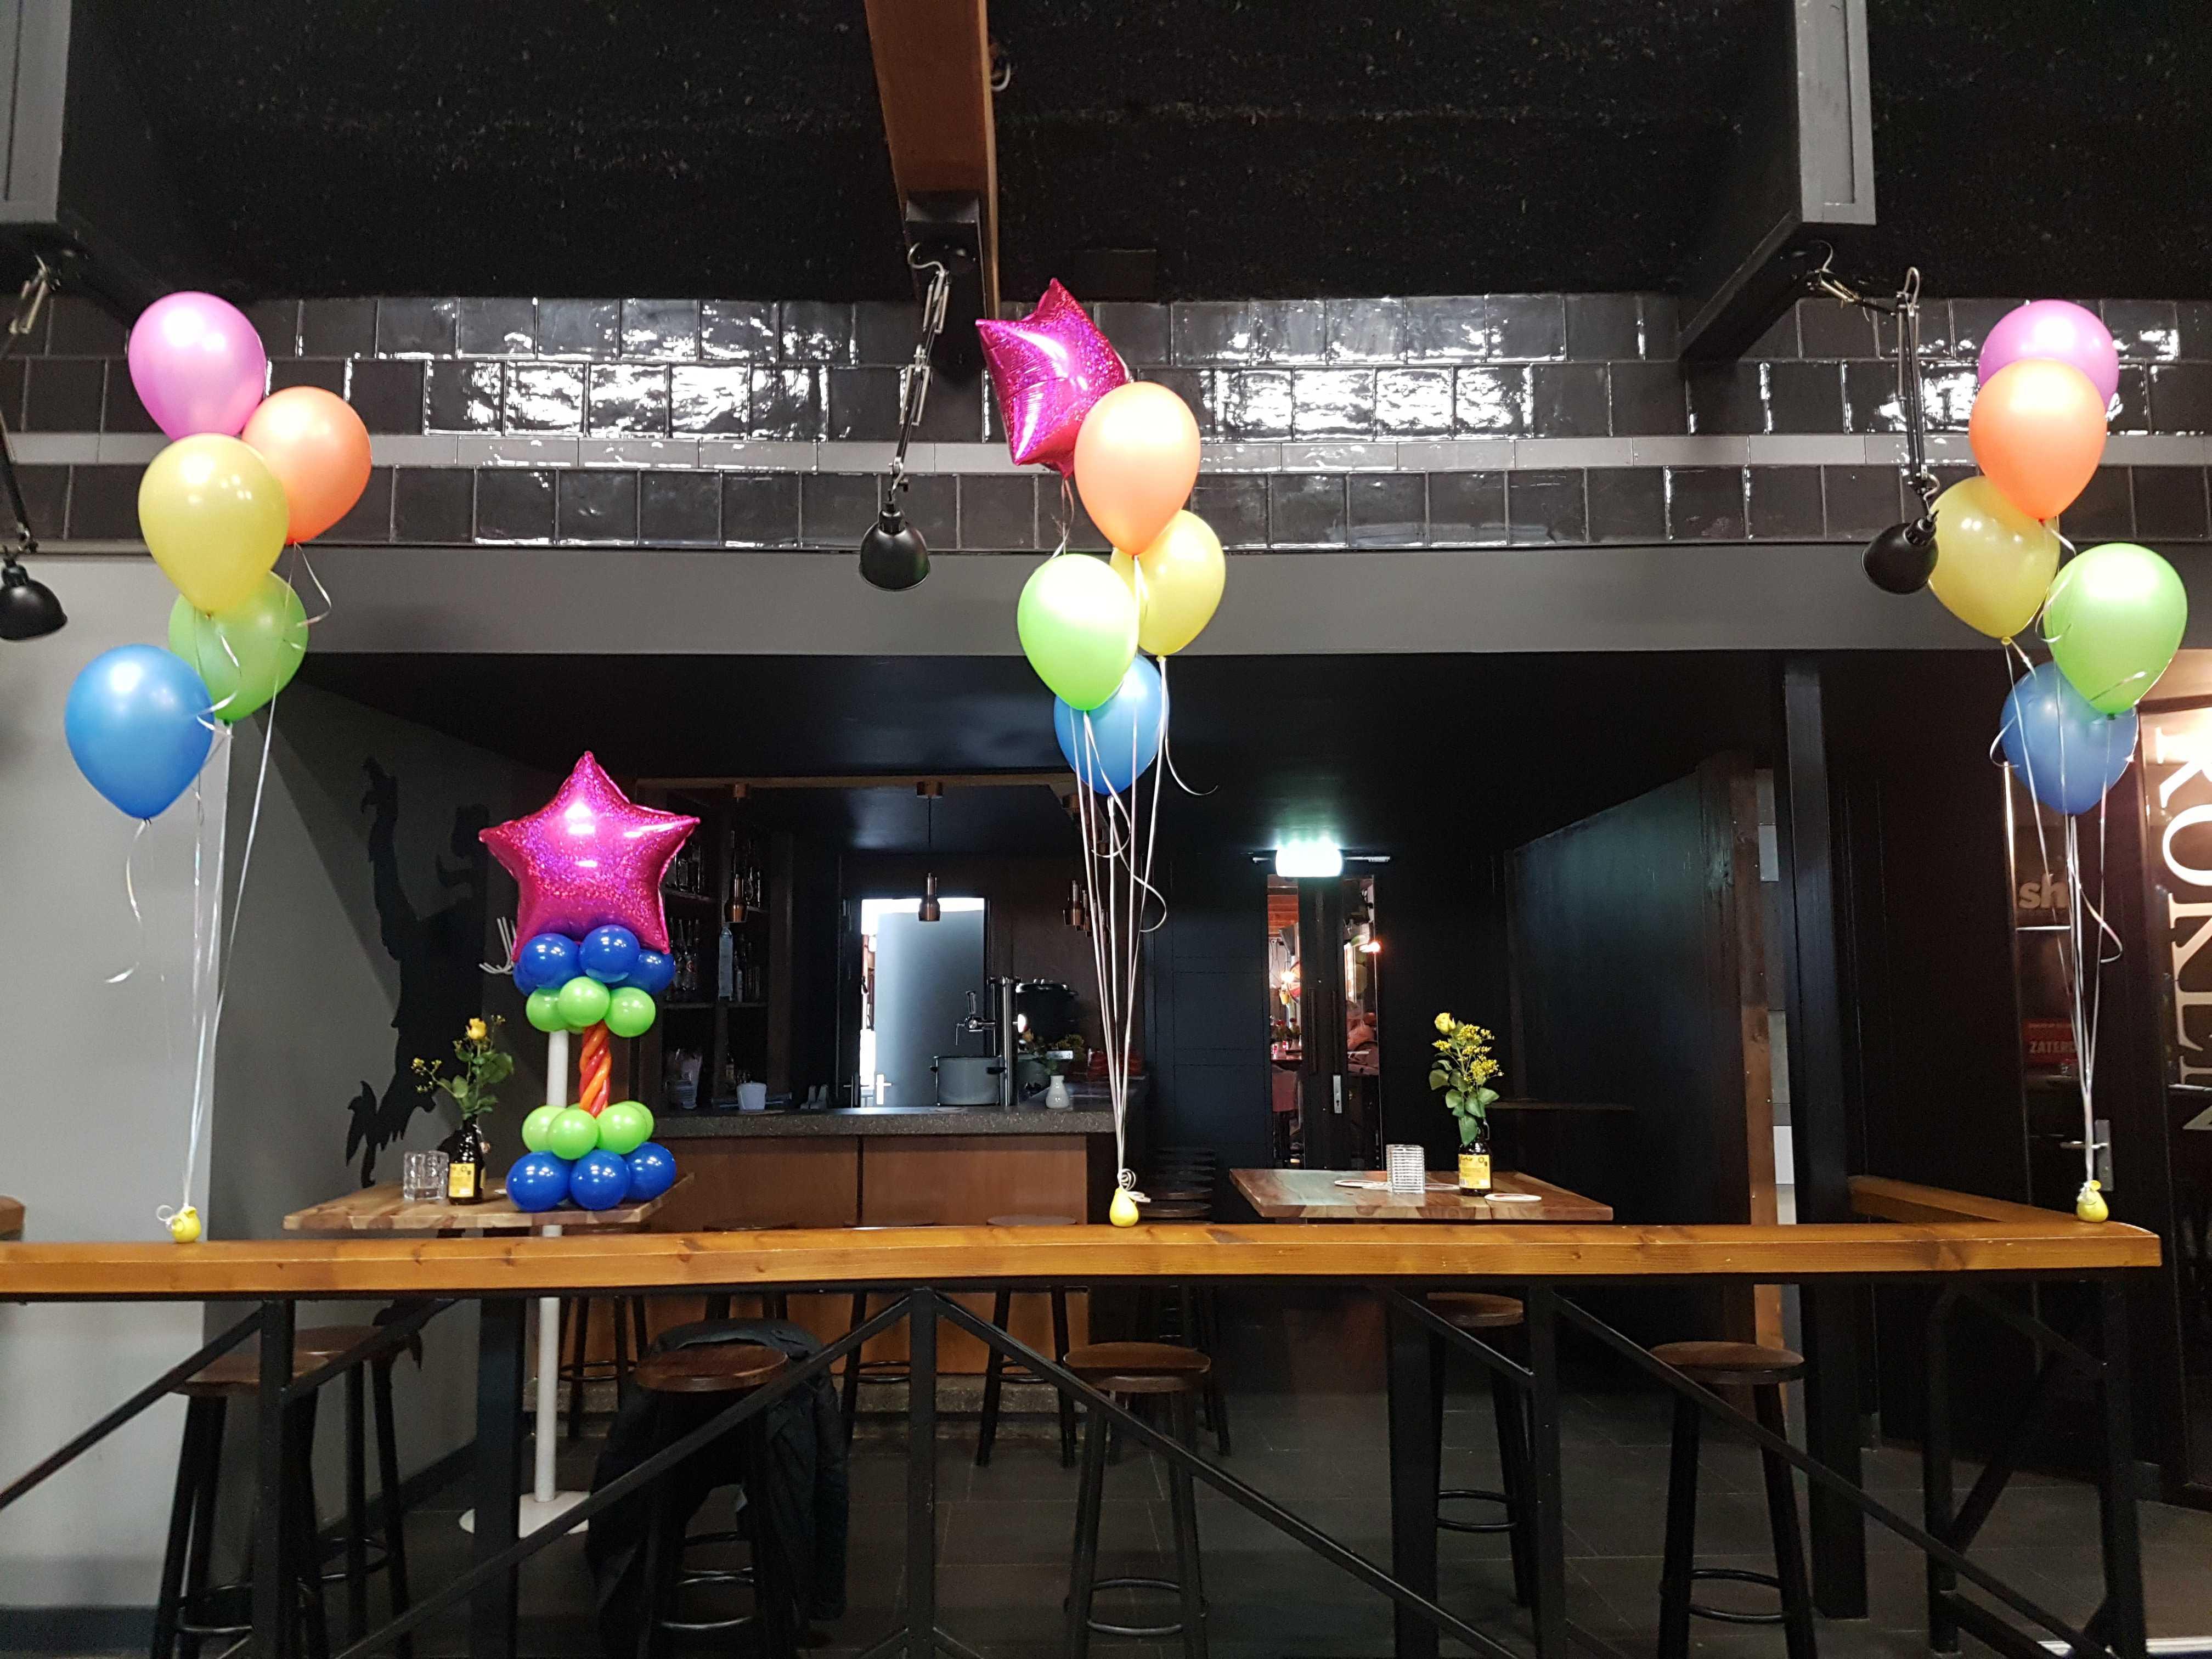 helium-ballontros-minipilaar-fout-discofeest-neon-kleur-blacklight-roode-leeuw-noord-scharwoude